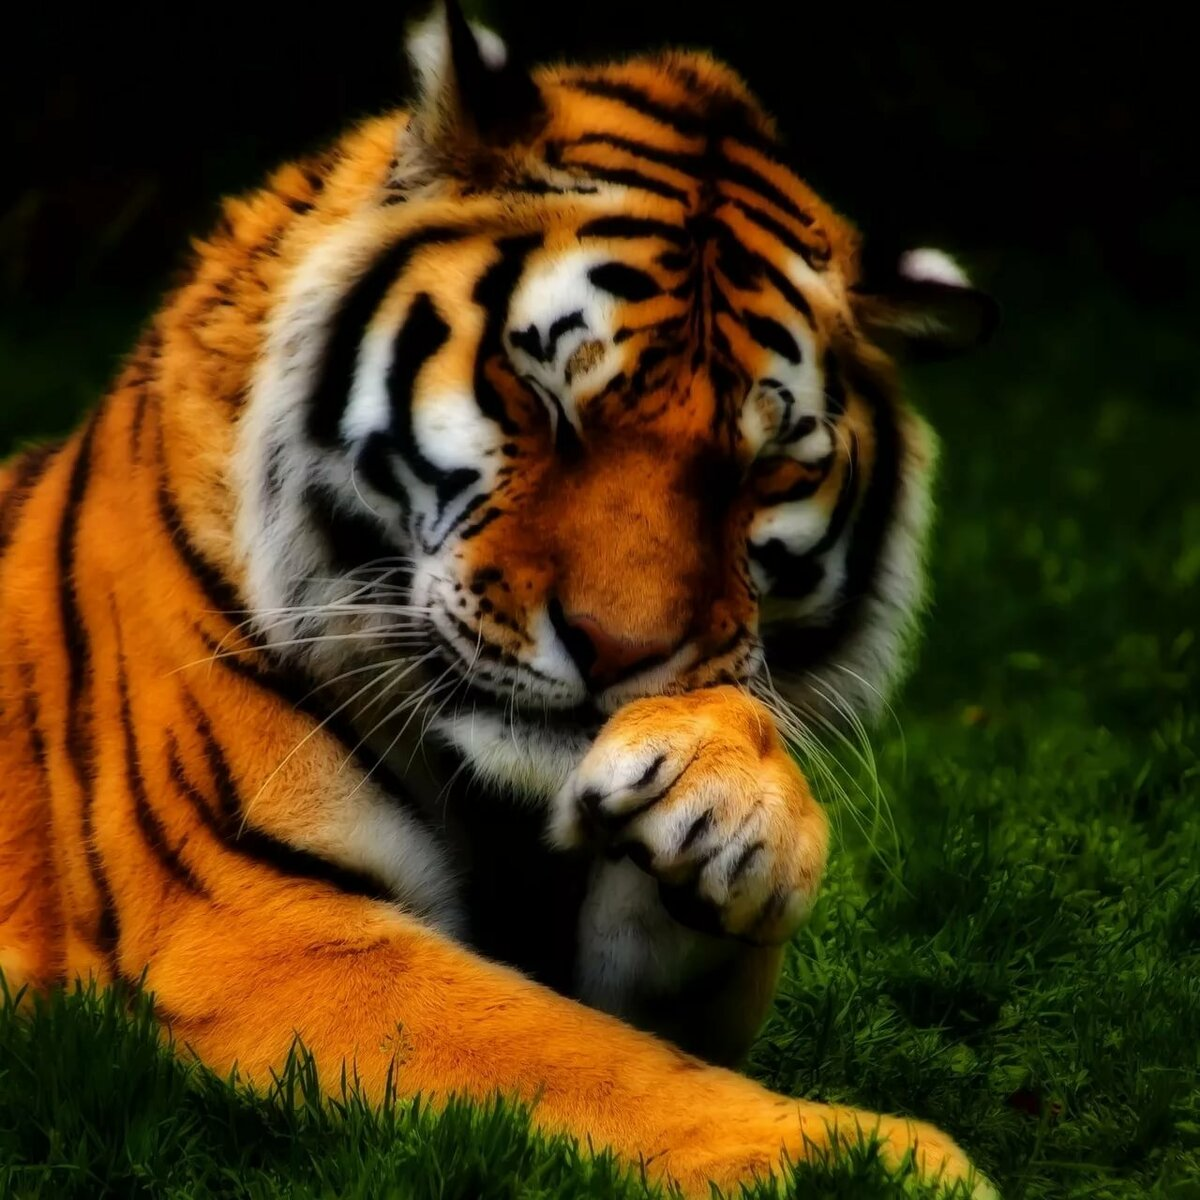 Картинка тигра на мобильный